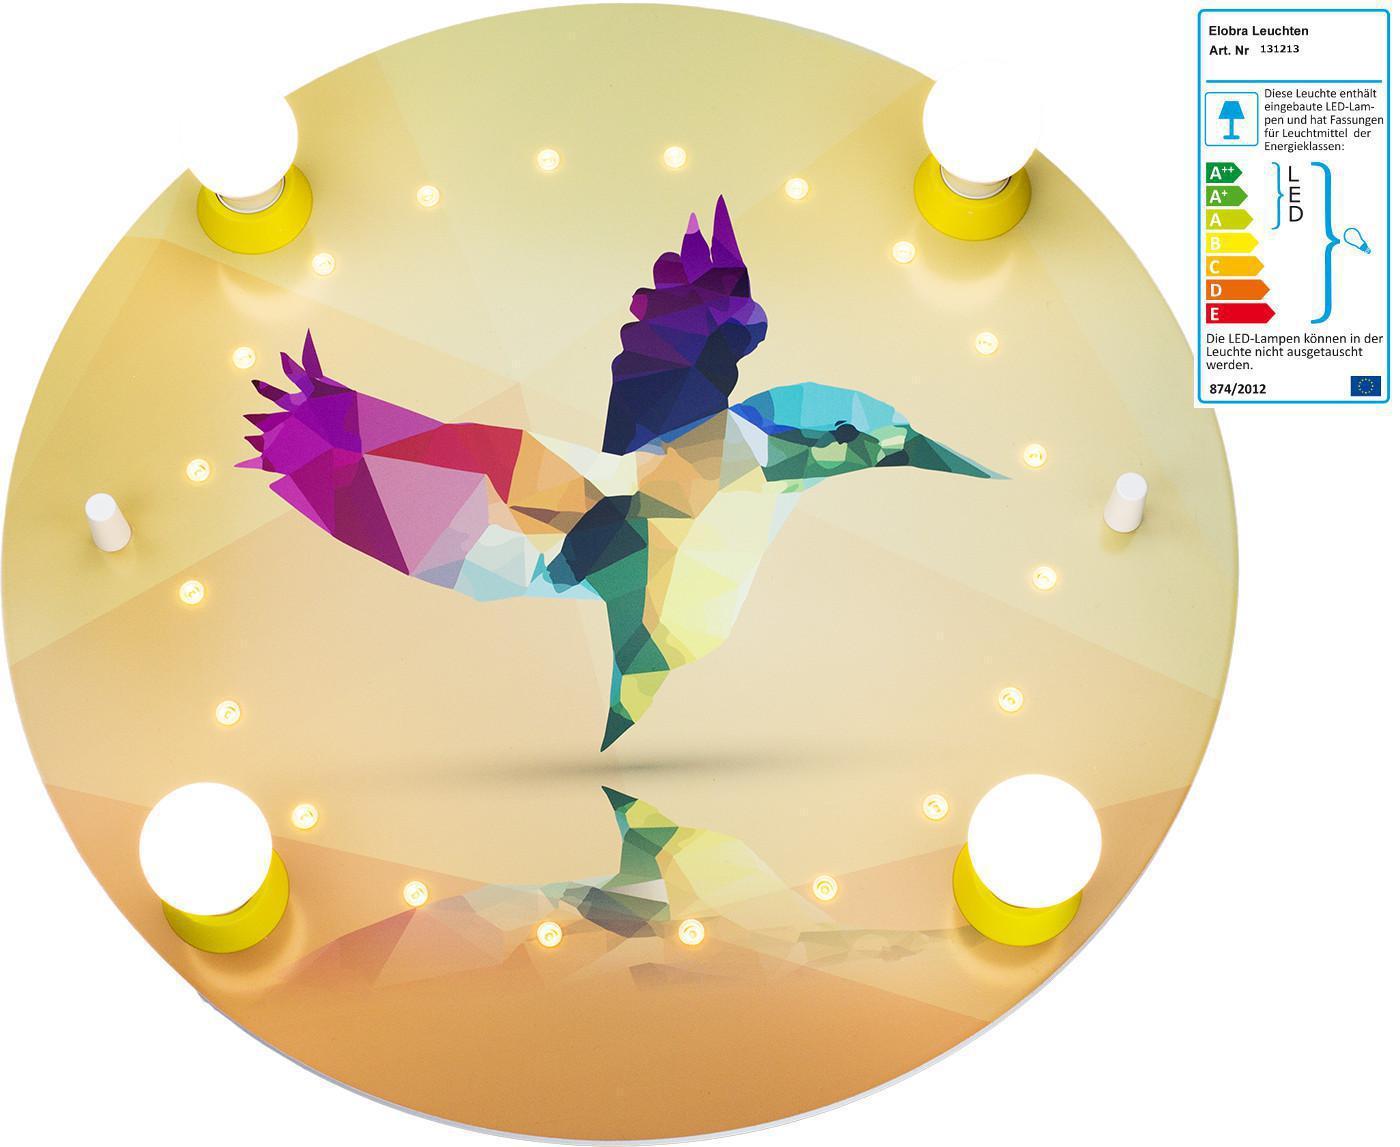 elobra led deckenlampe kolibri gelb elobra kinderleuchten im kinderlampenland. Black Bedroom Furniture Sets. Home Design Ideas